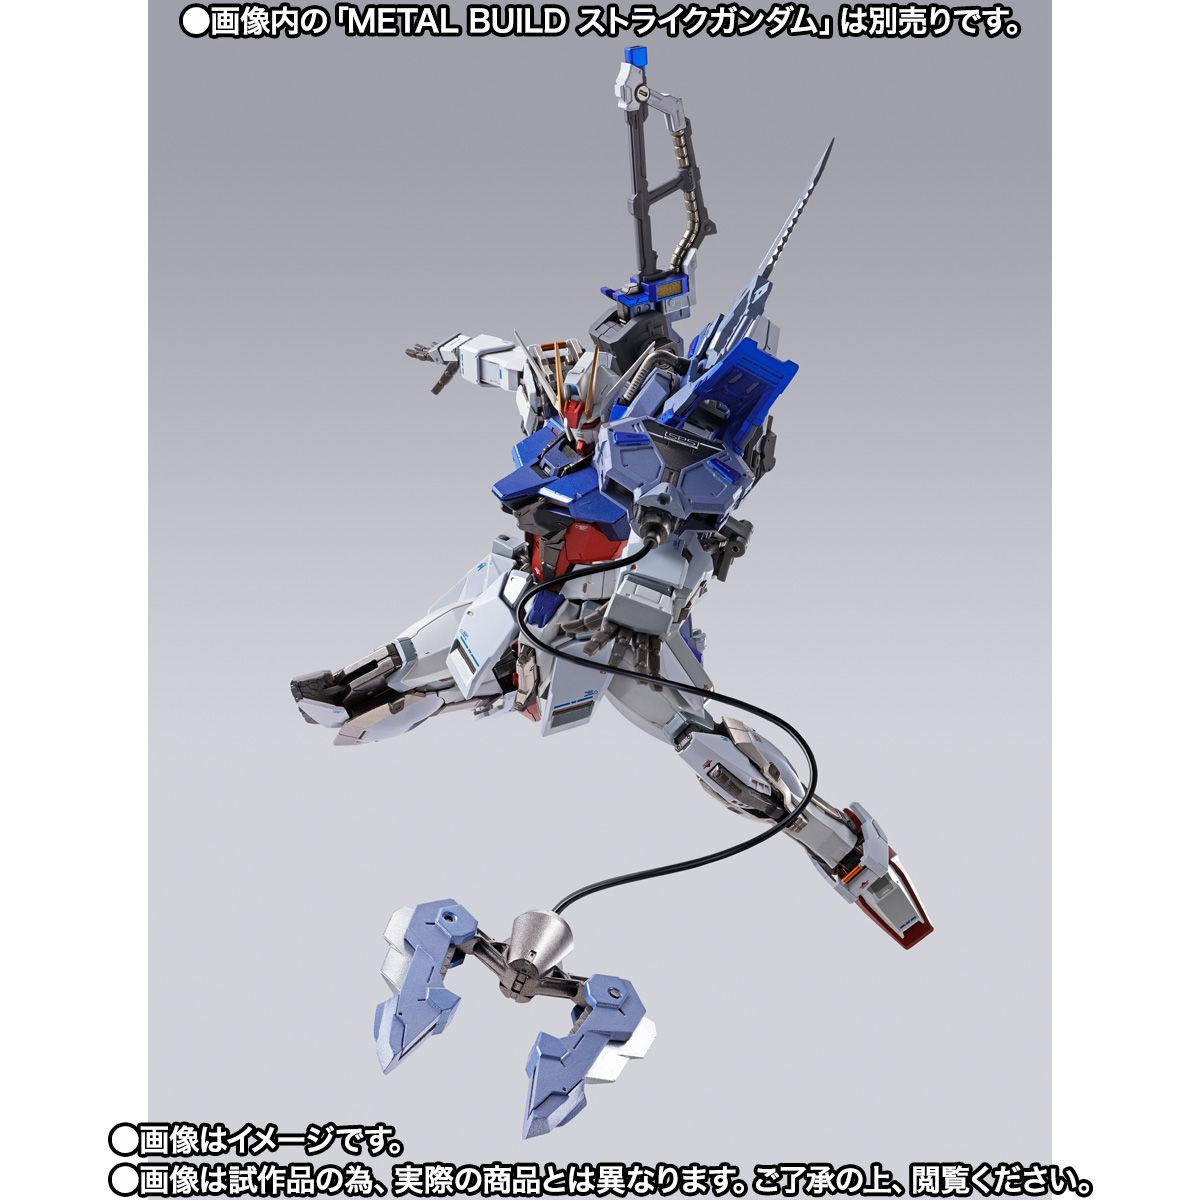 【限定販売】METAL BUILD『ソードストライカー』機動戦士ガンダムSEED 可動フィギュア-004